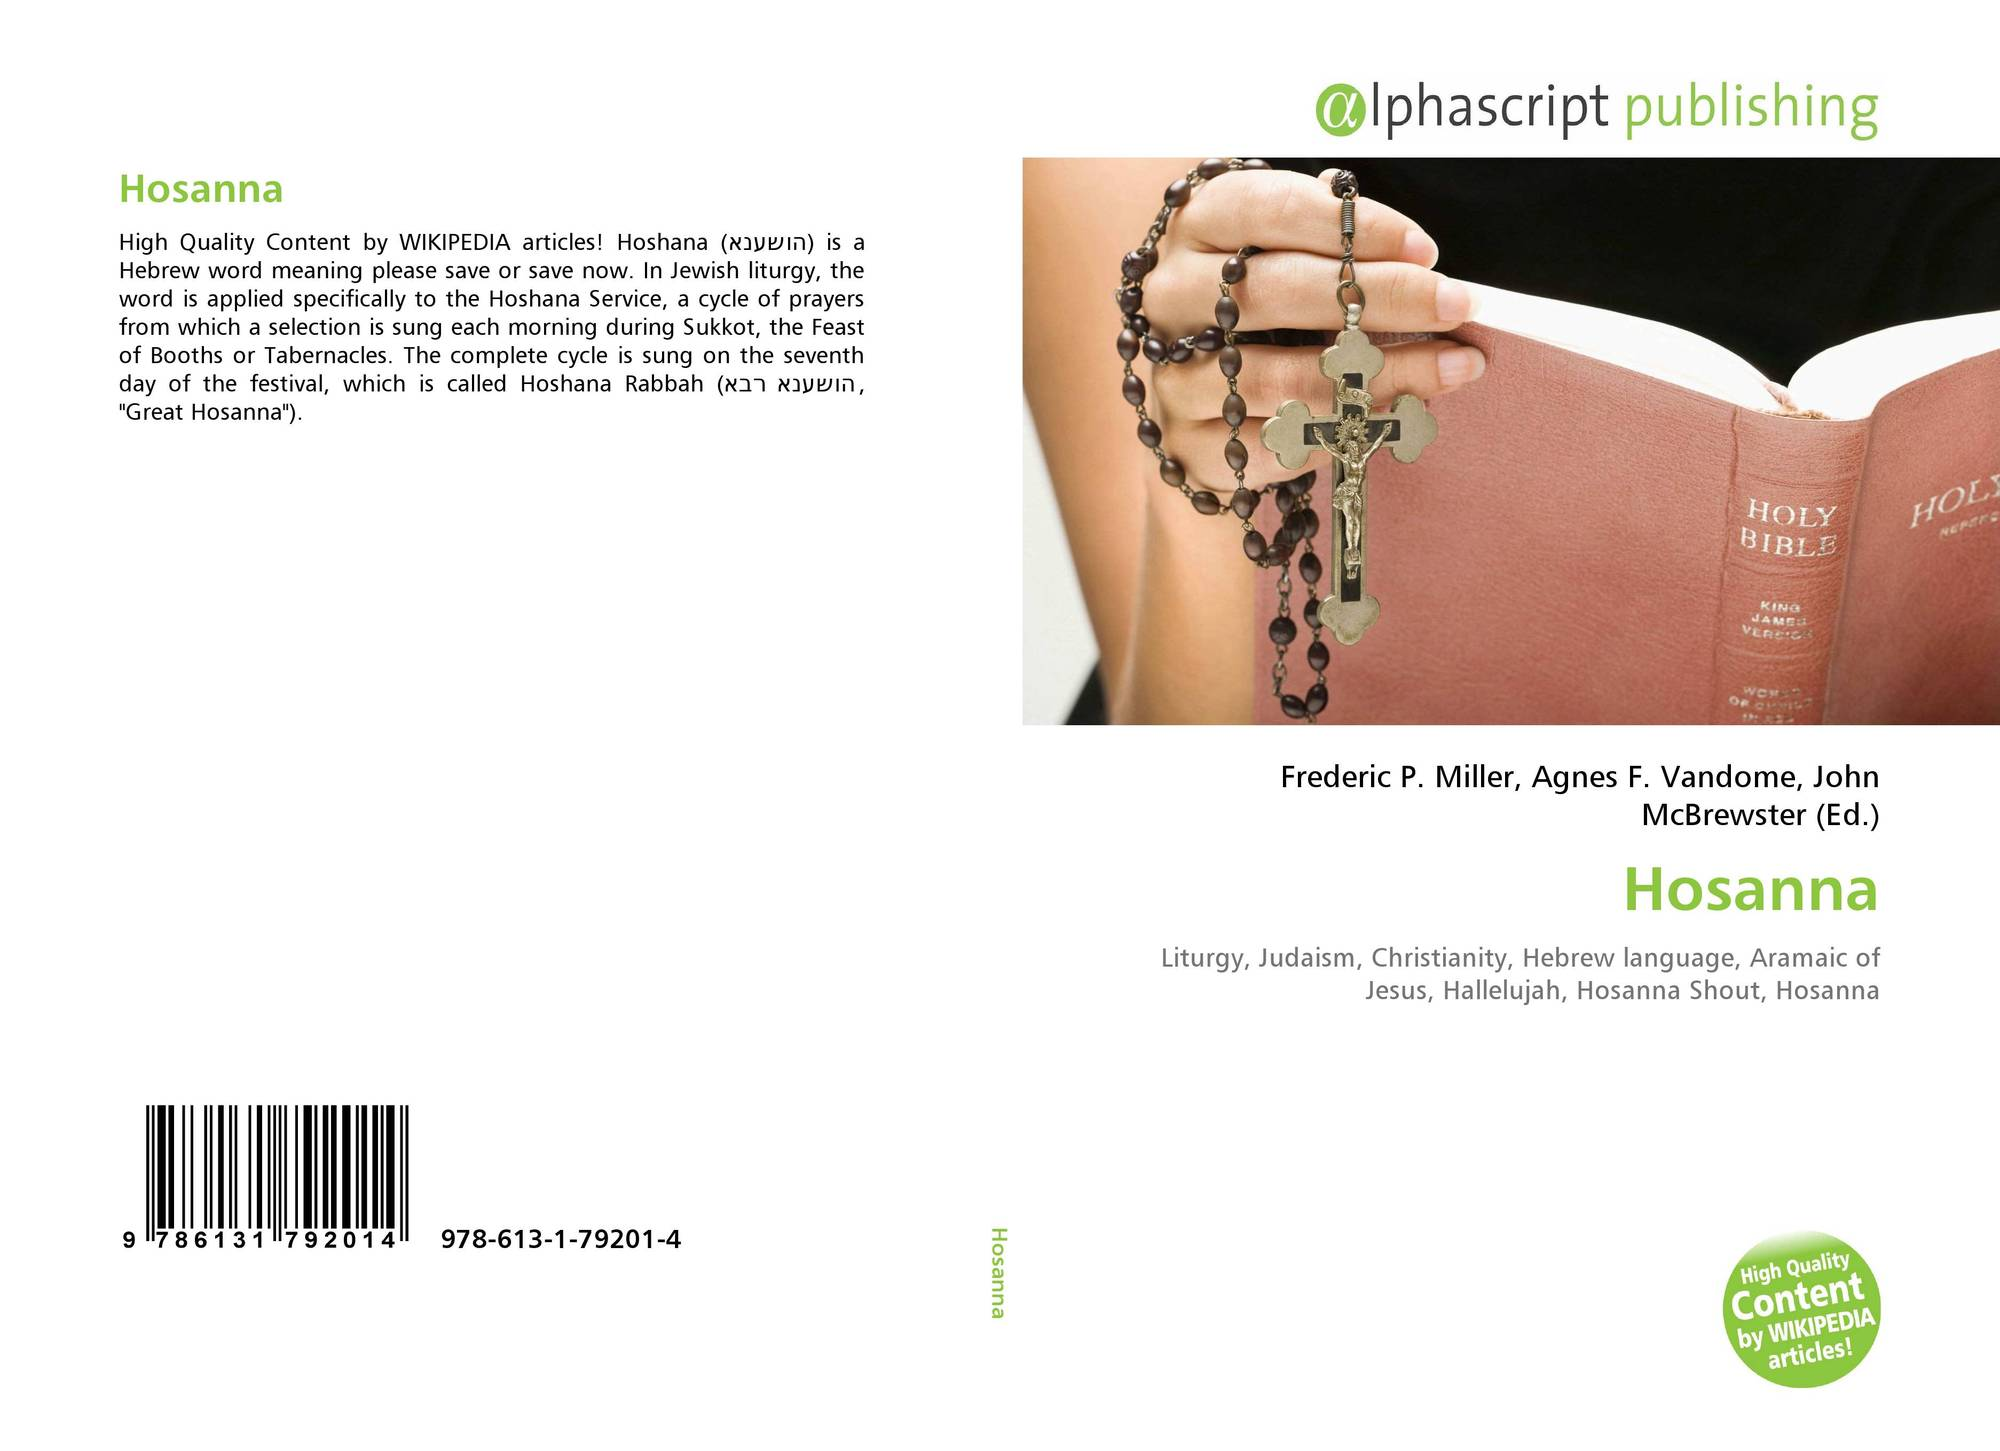 Hosanna, 978-613-1-79201-4, 6131792011 ,9786131792014